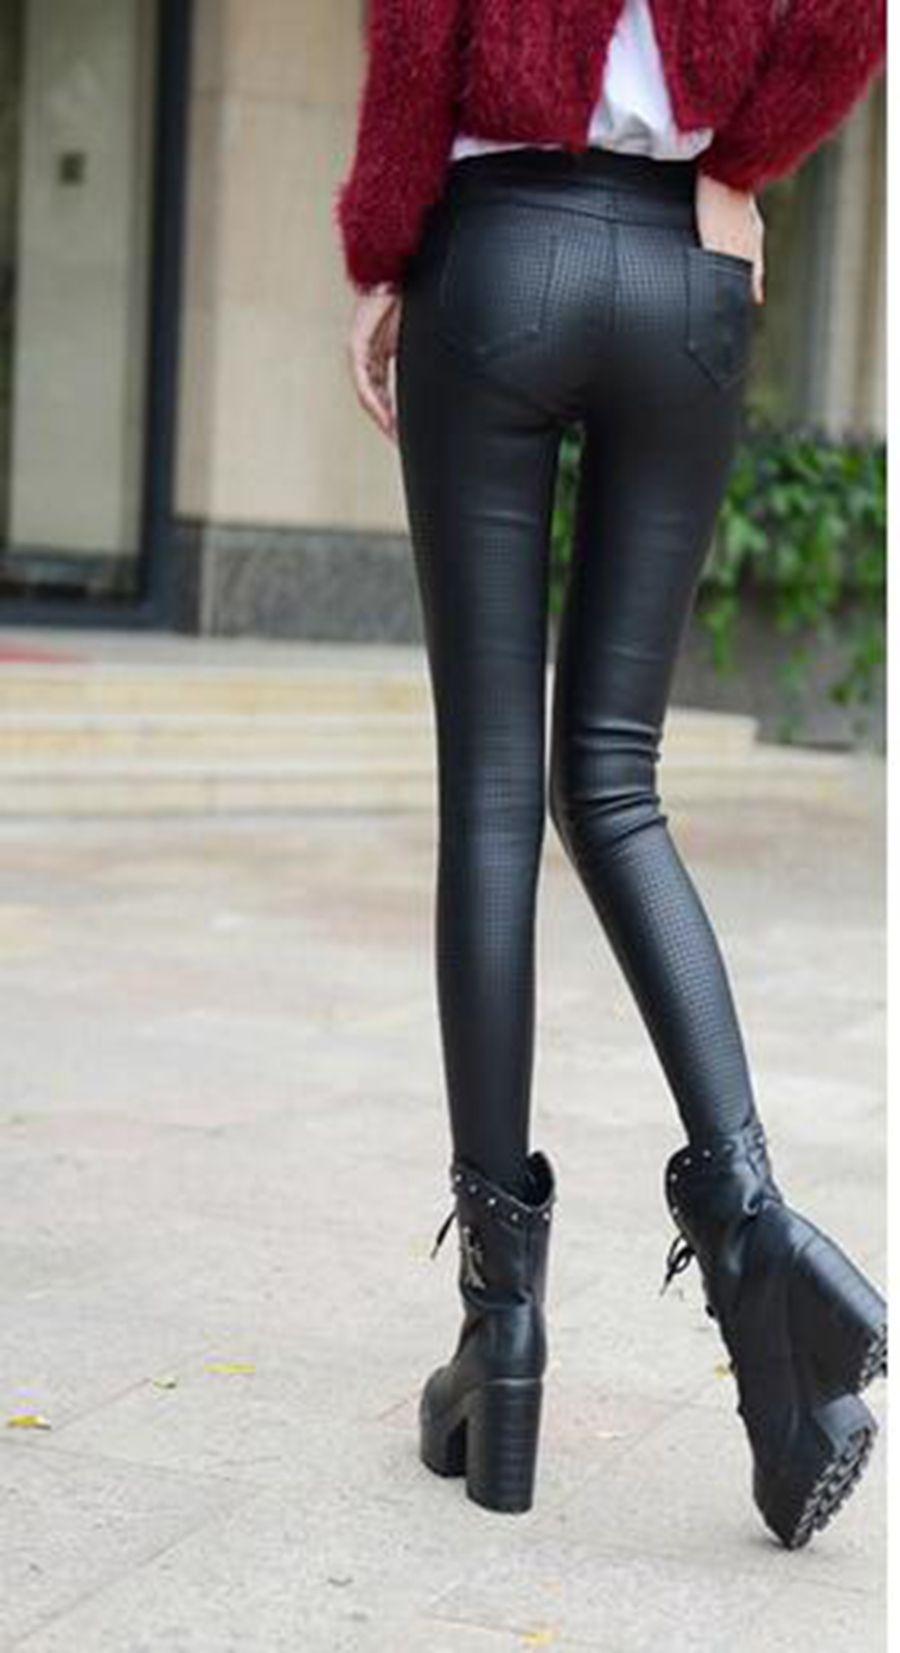 한판 카운터 정통 패션 여성 새 겨울 양모 따뜻한 꽉 높이 허리 풋 펜슬 가죽 바지를 추가합니다. S - 3xl